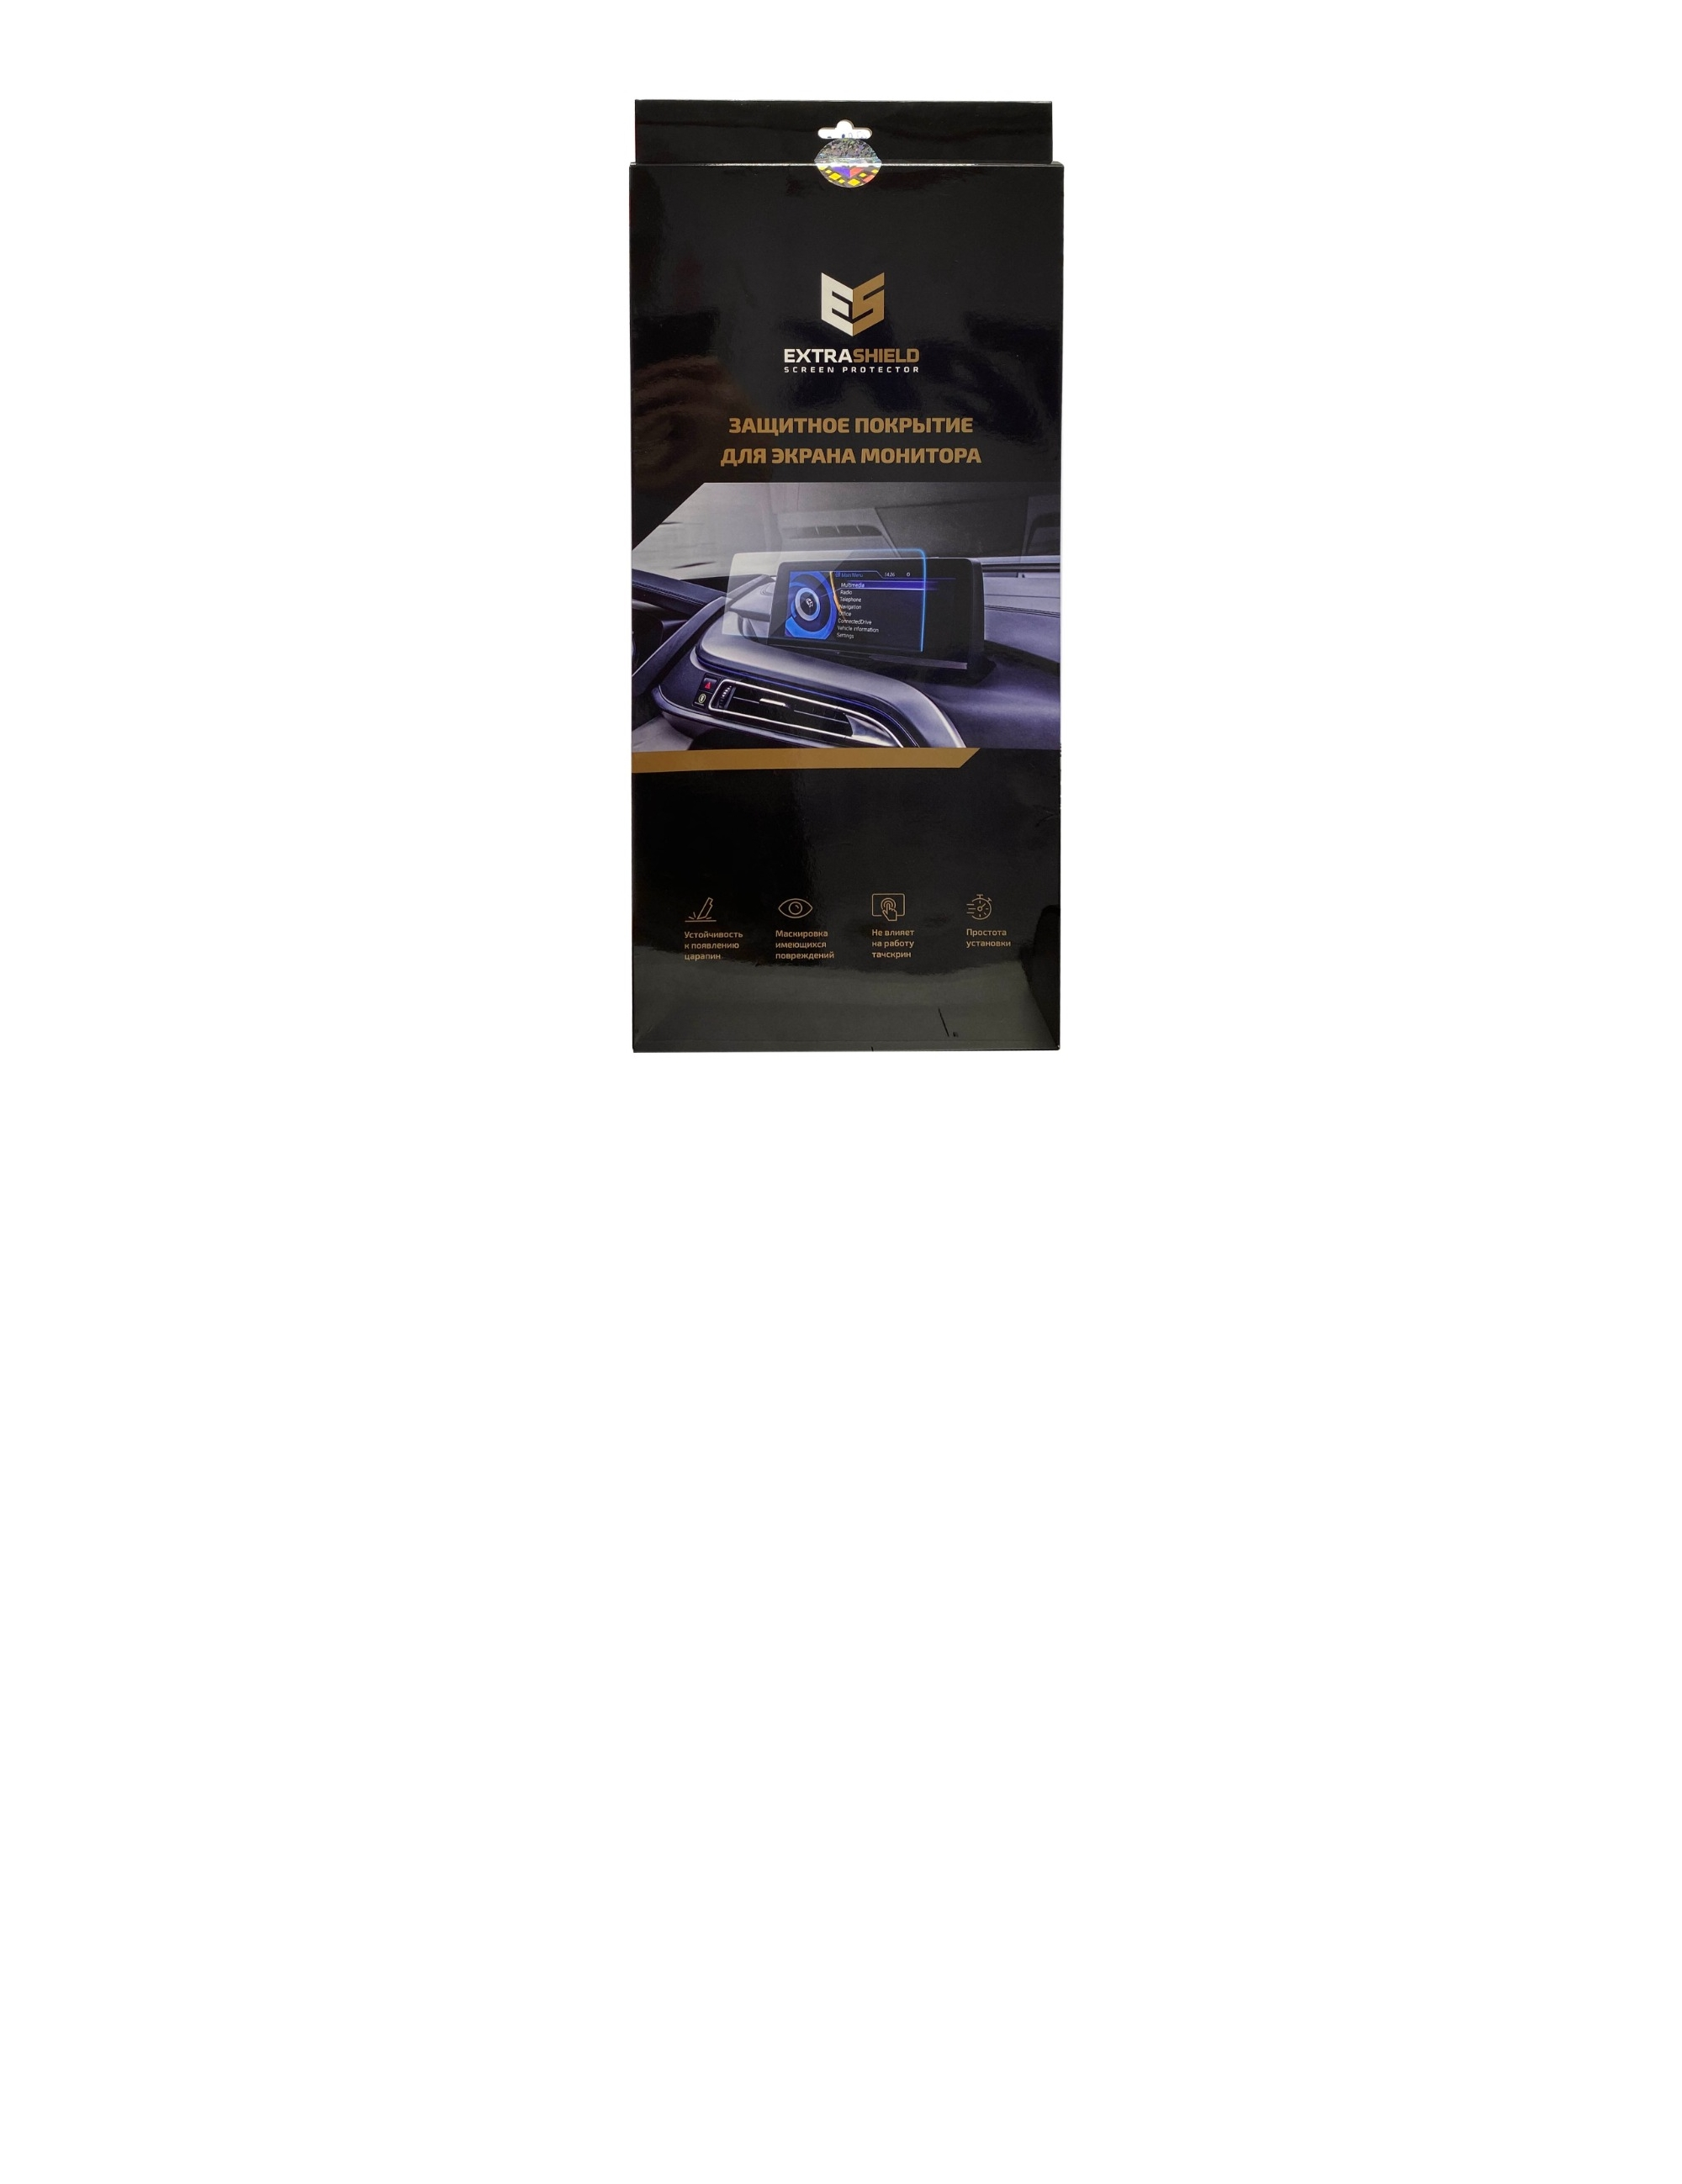 Audi A6 (С8) 2018 - н.в. приборная панель Audi Virtual Cockpit 12.3 Защитное стекло Матовая